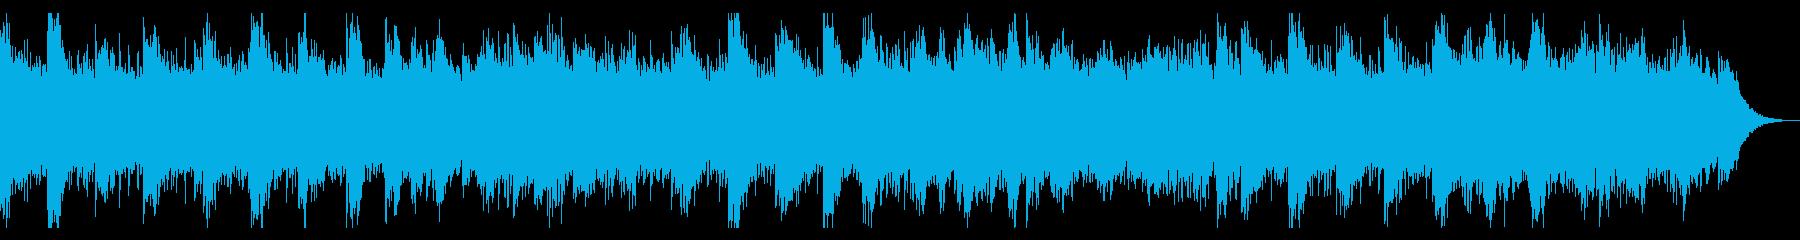 ダークでホラー向け 怪しい感じのピアノの再生済みの波形